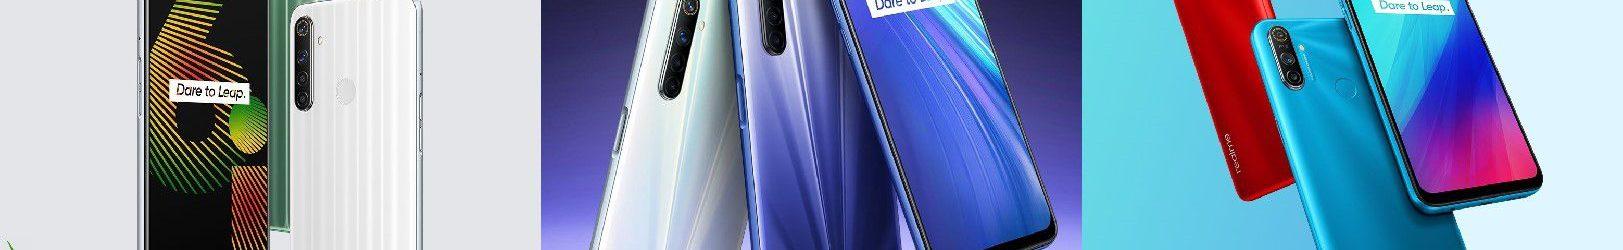 Realme 6, Realme 6i e Realme C3 arrivano in Italia: smartphone low-cost, ma interessanti